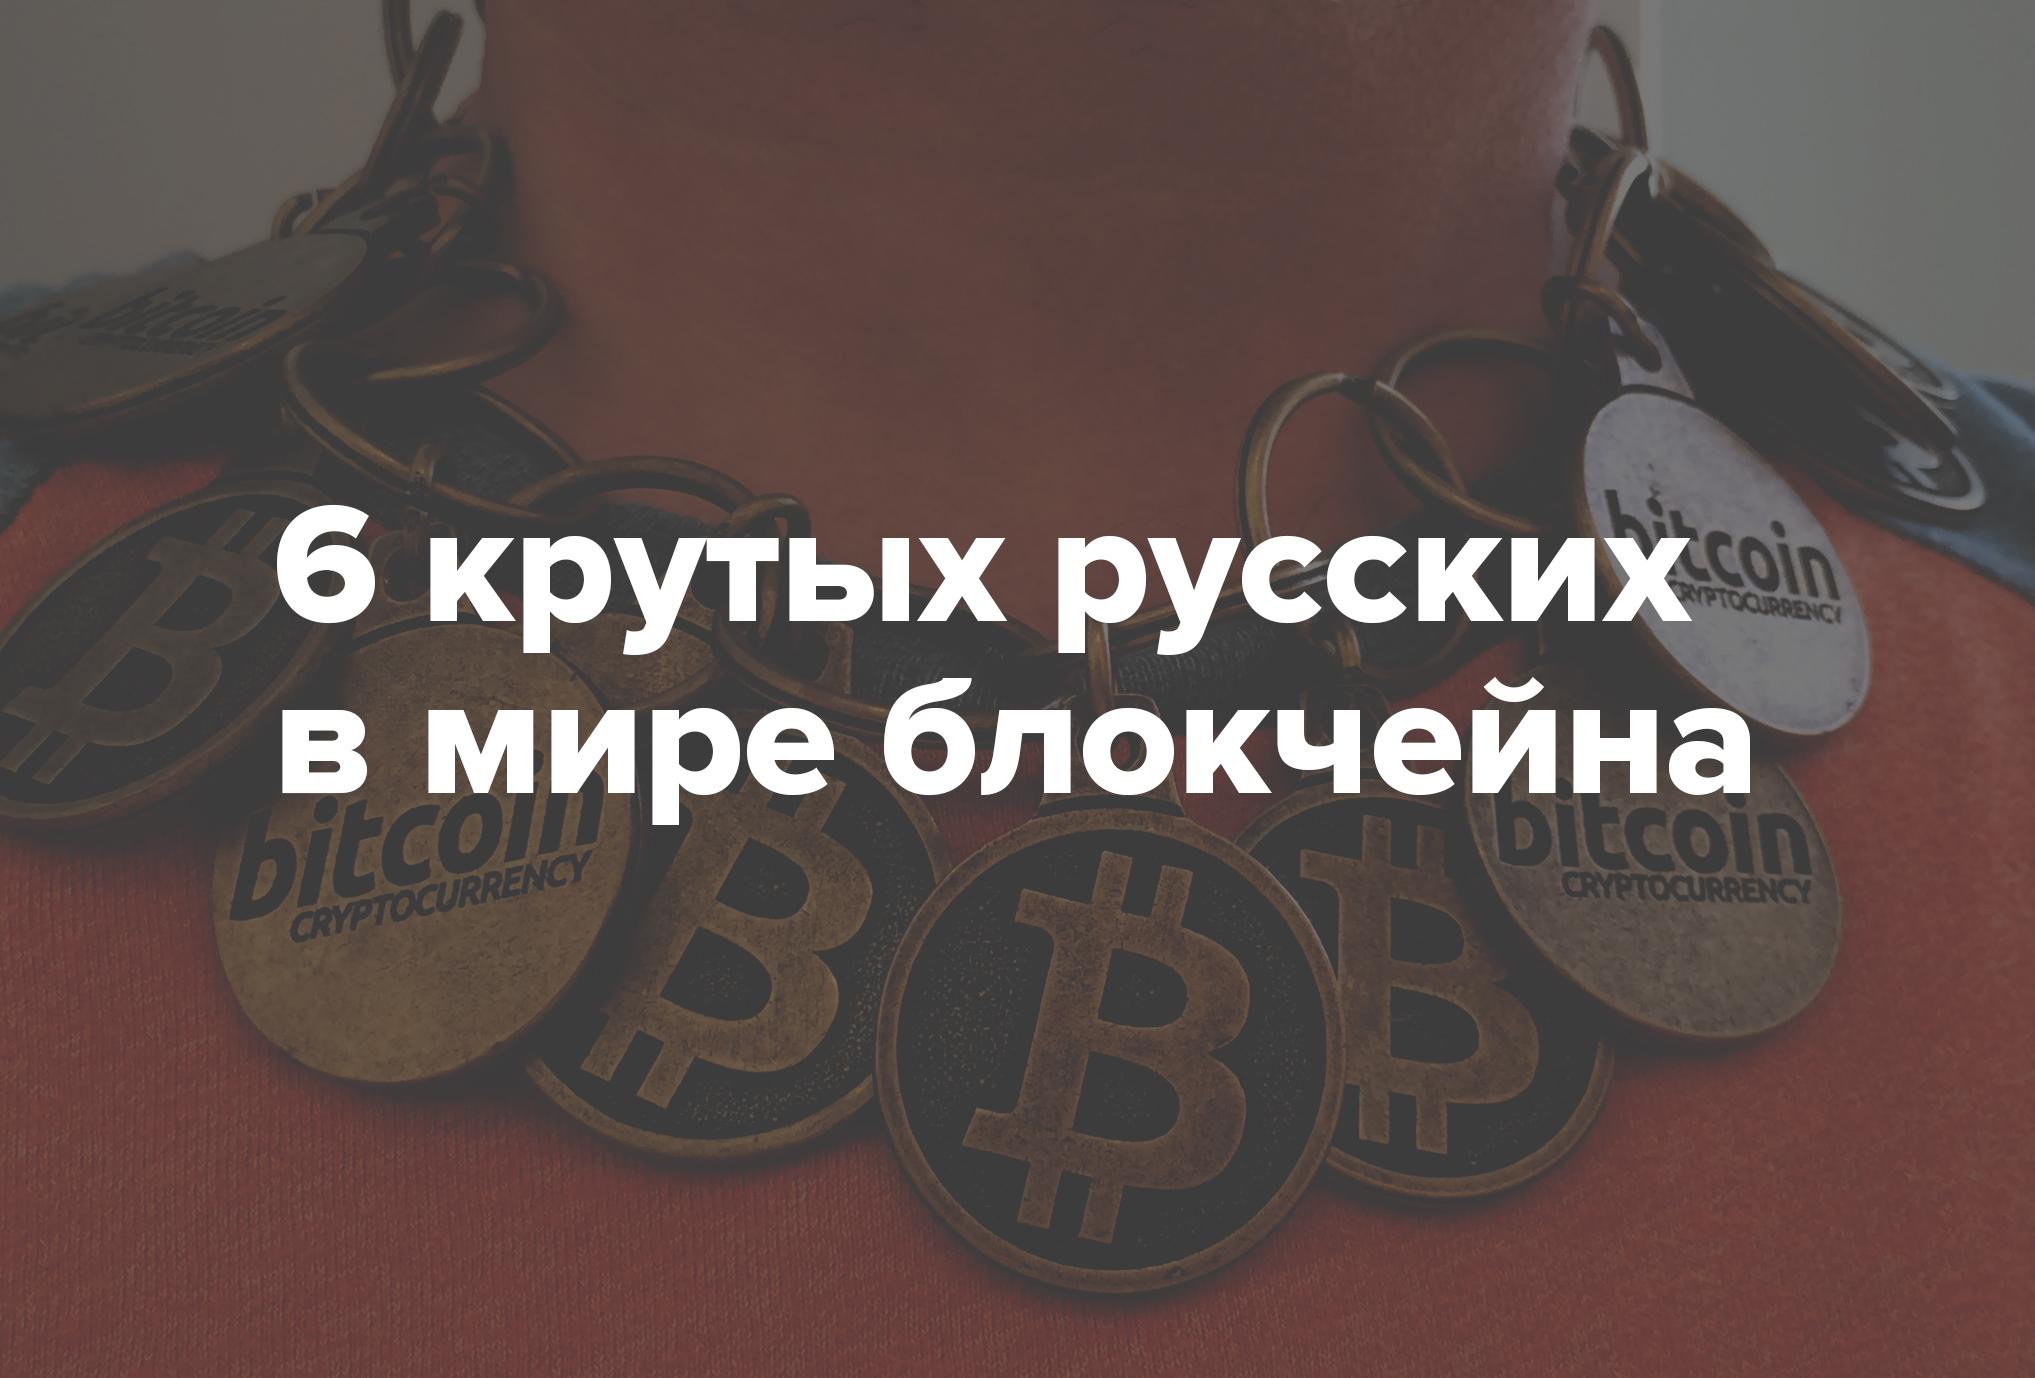 6 крутых русских в мире блокчейна